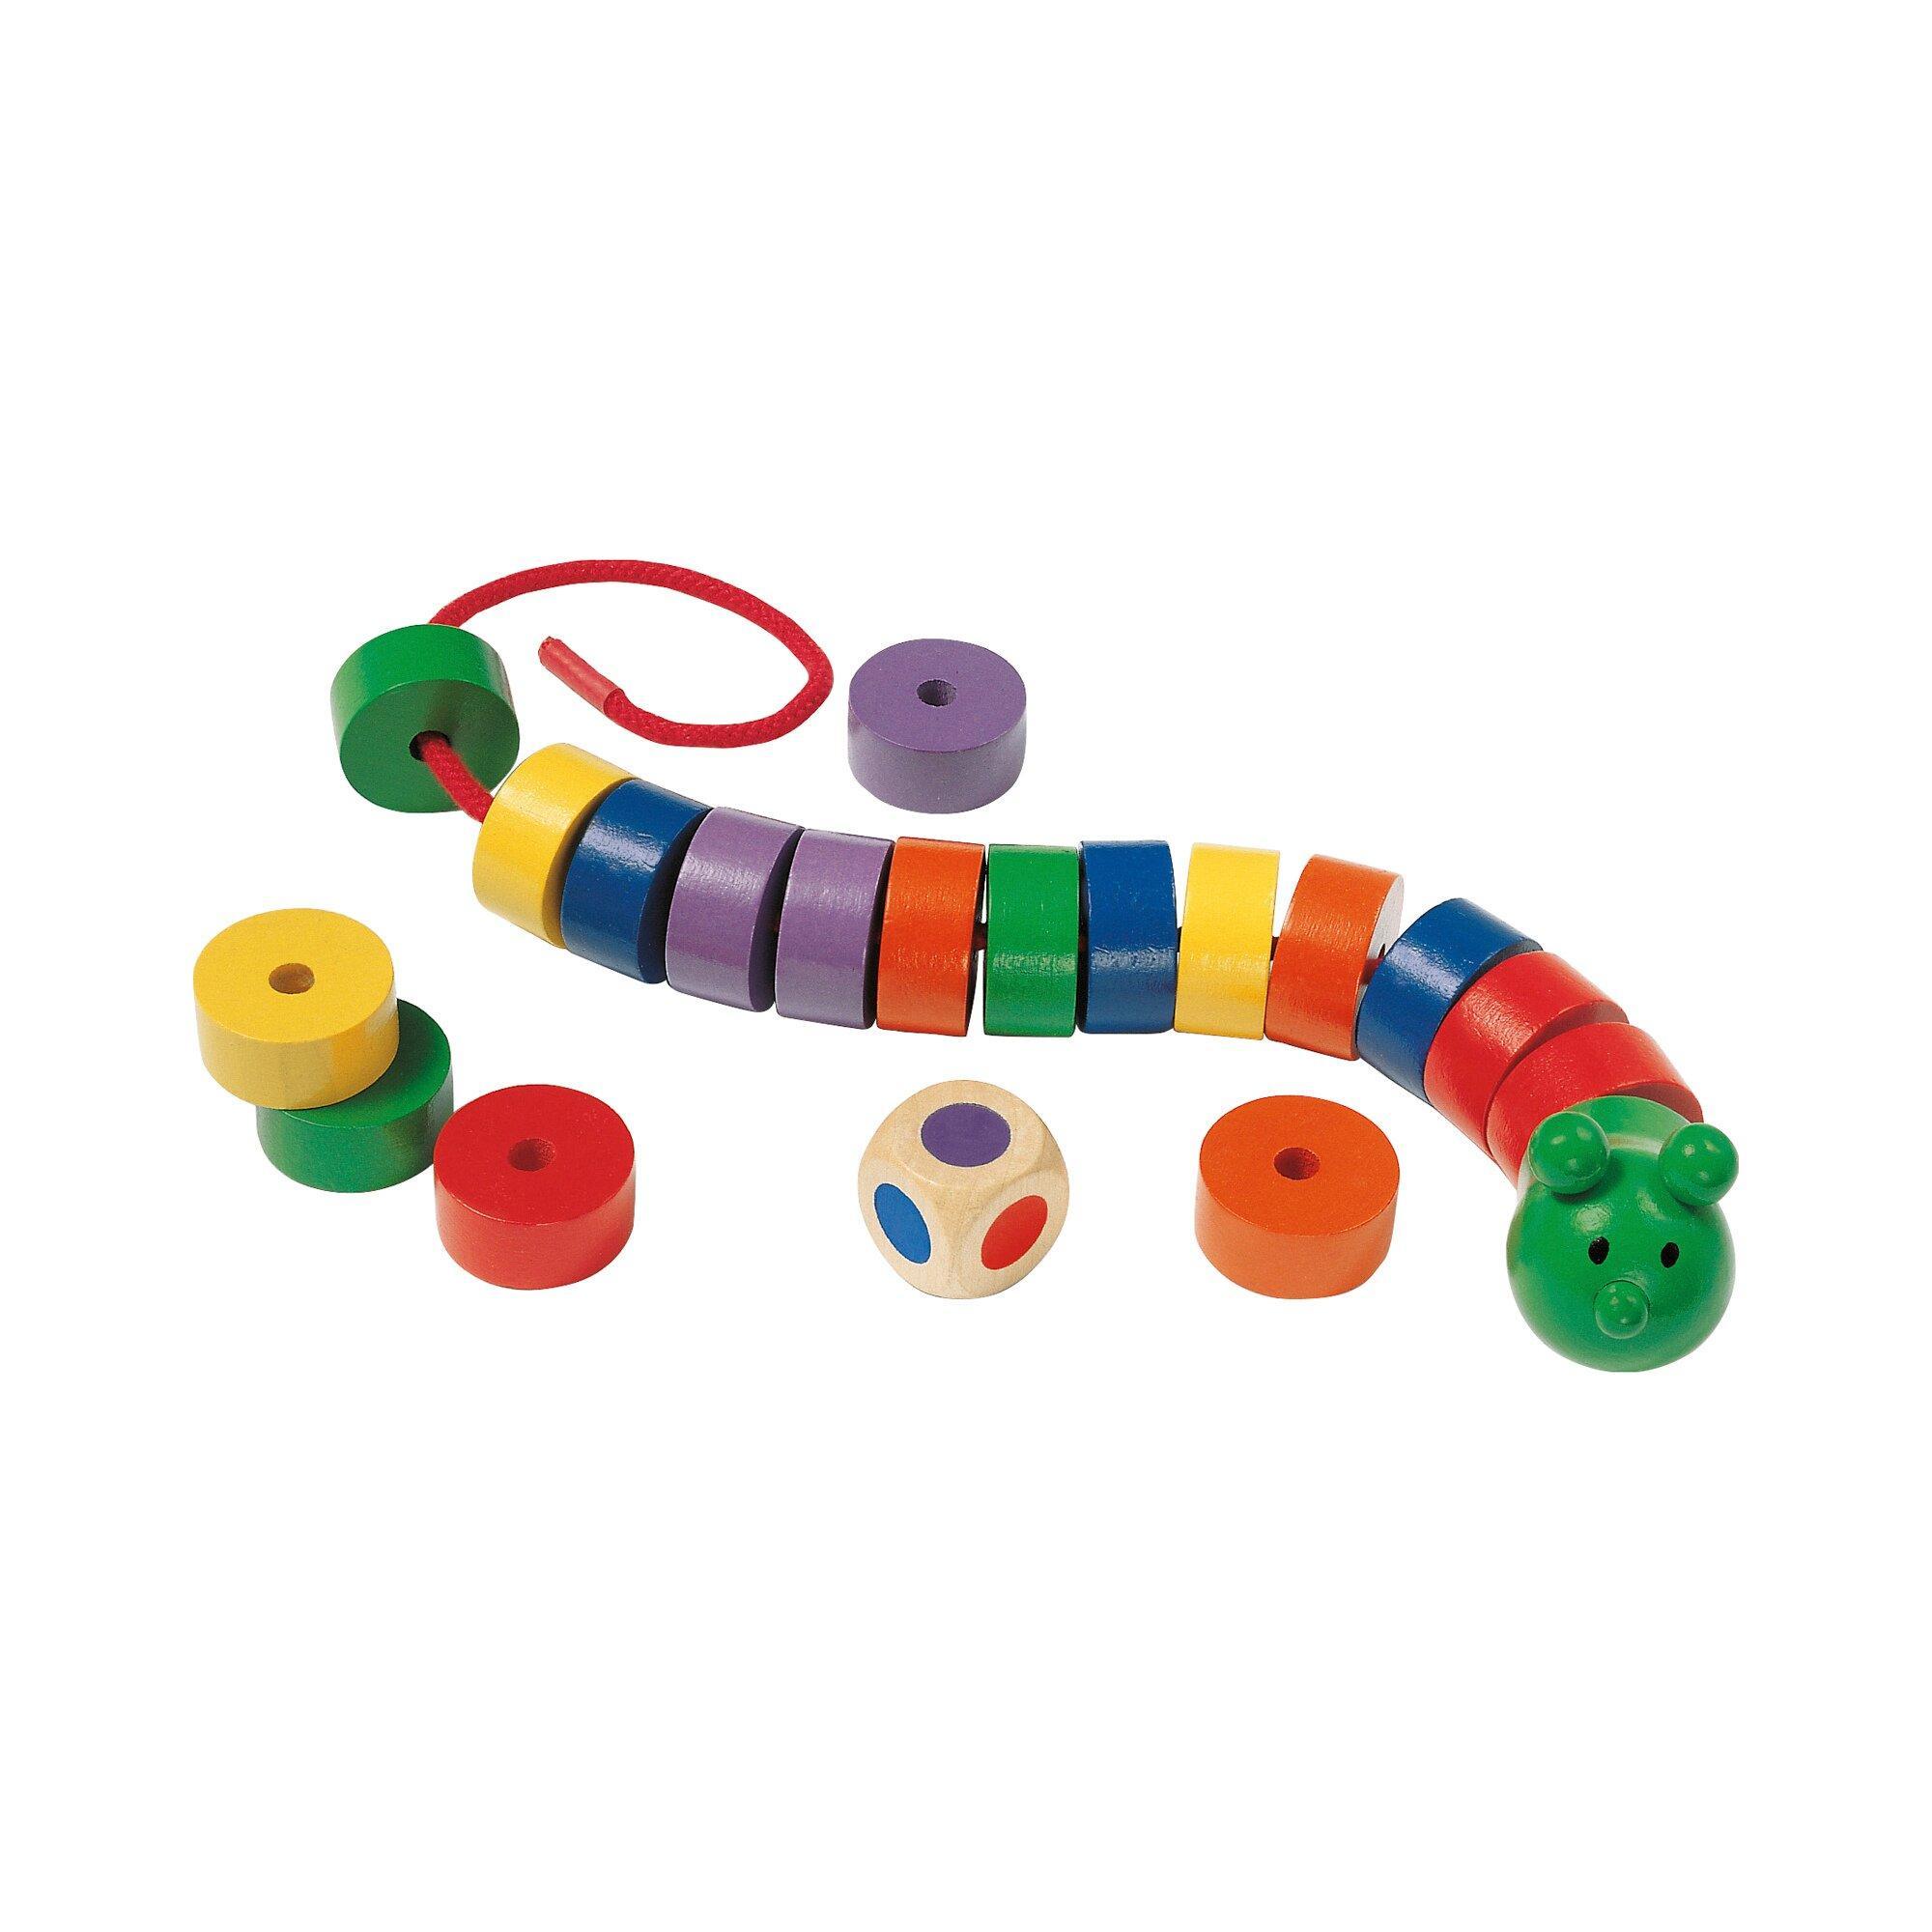 Farben-Lernspiel Fädelraupe